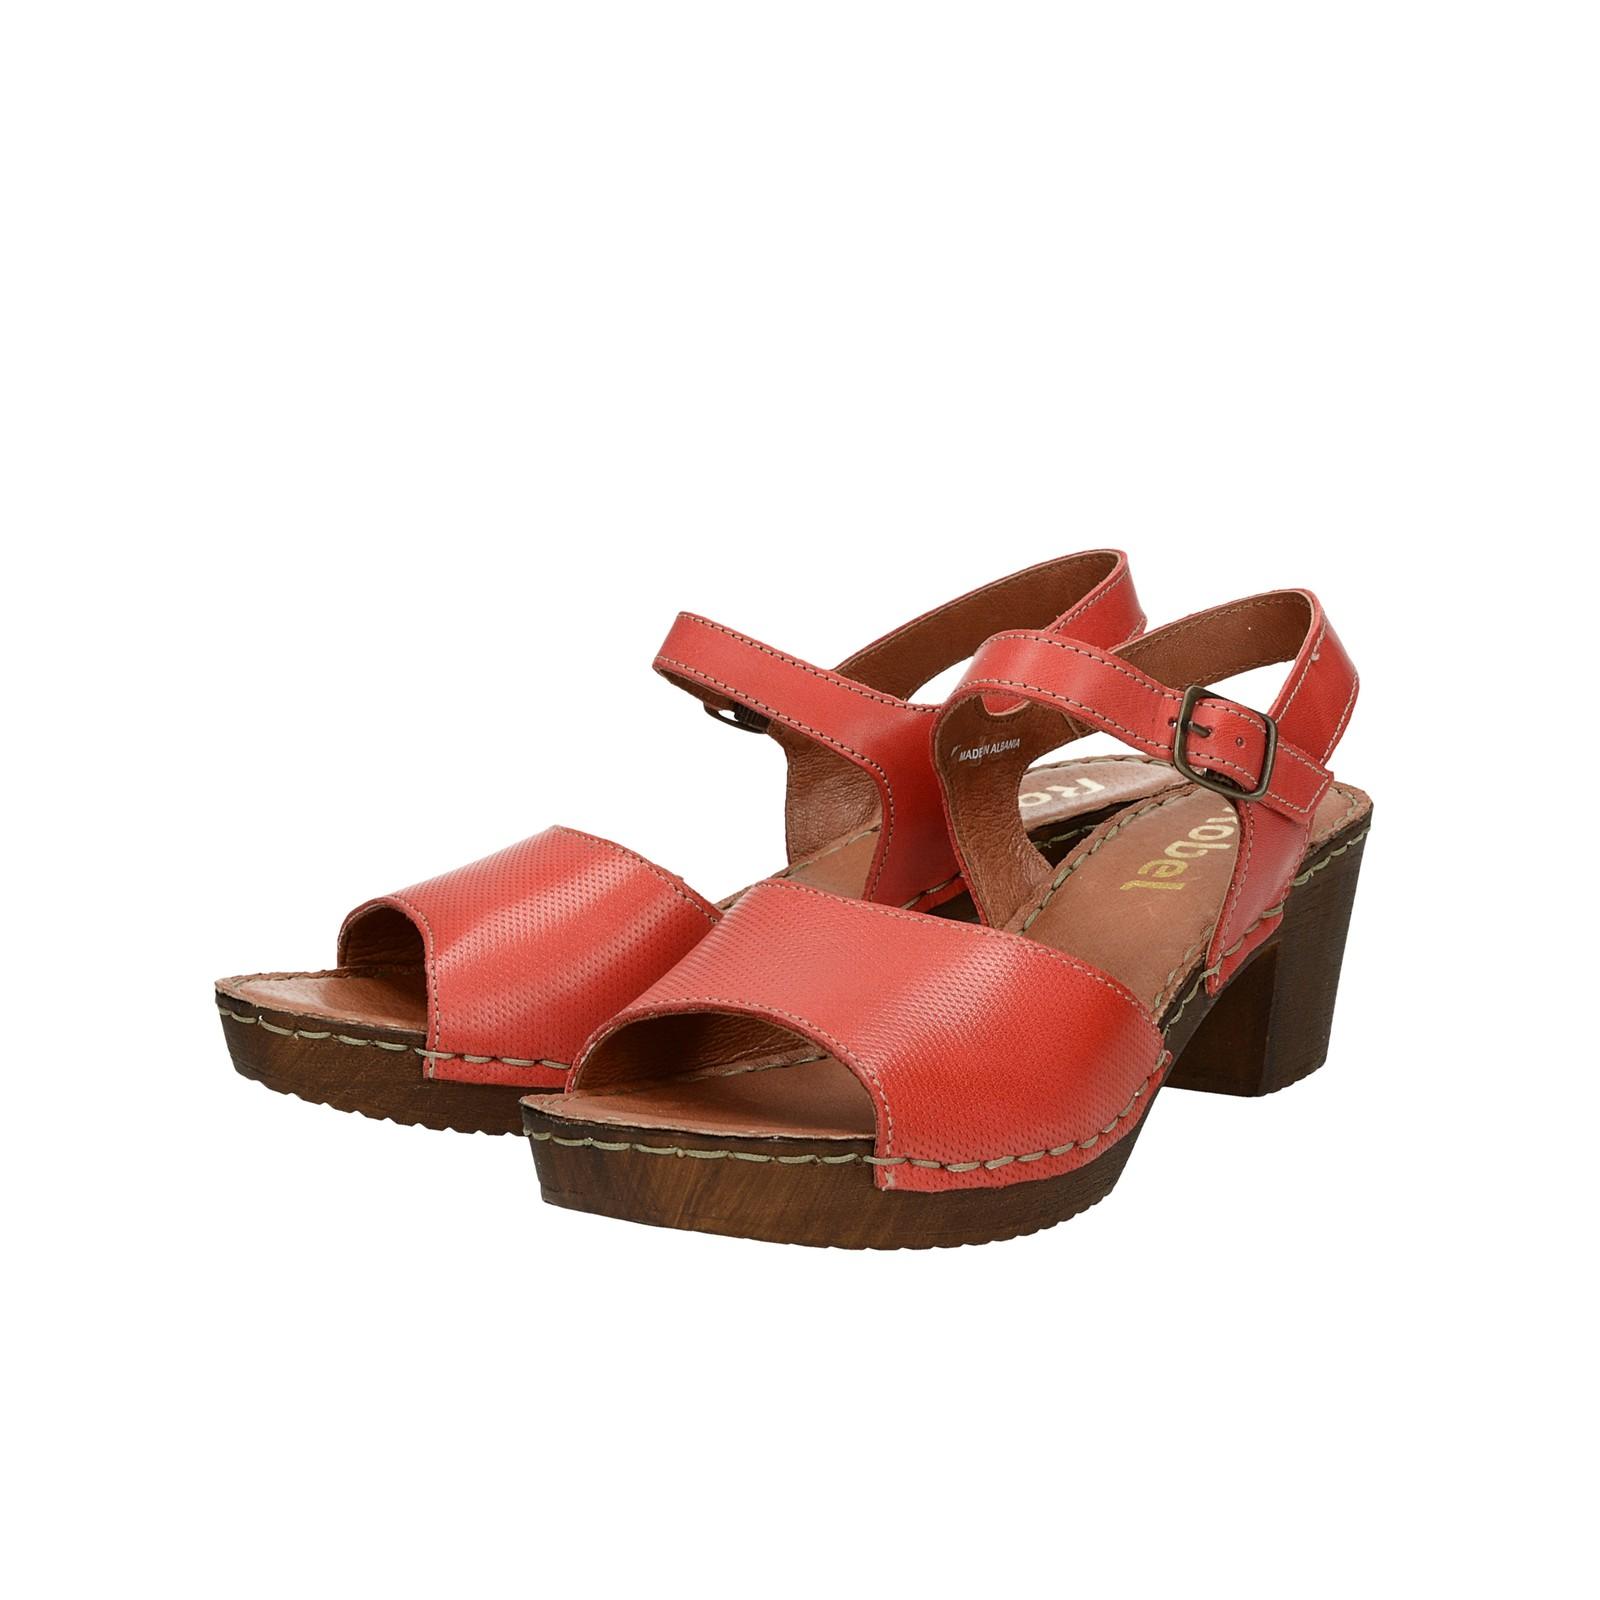 e7f14bb379f1 Robel dámske kožené sandále - červené ...